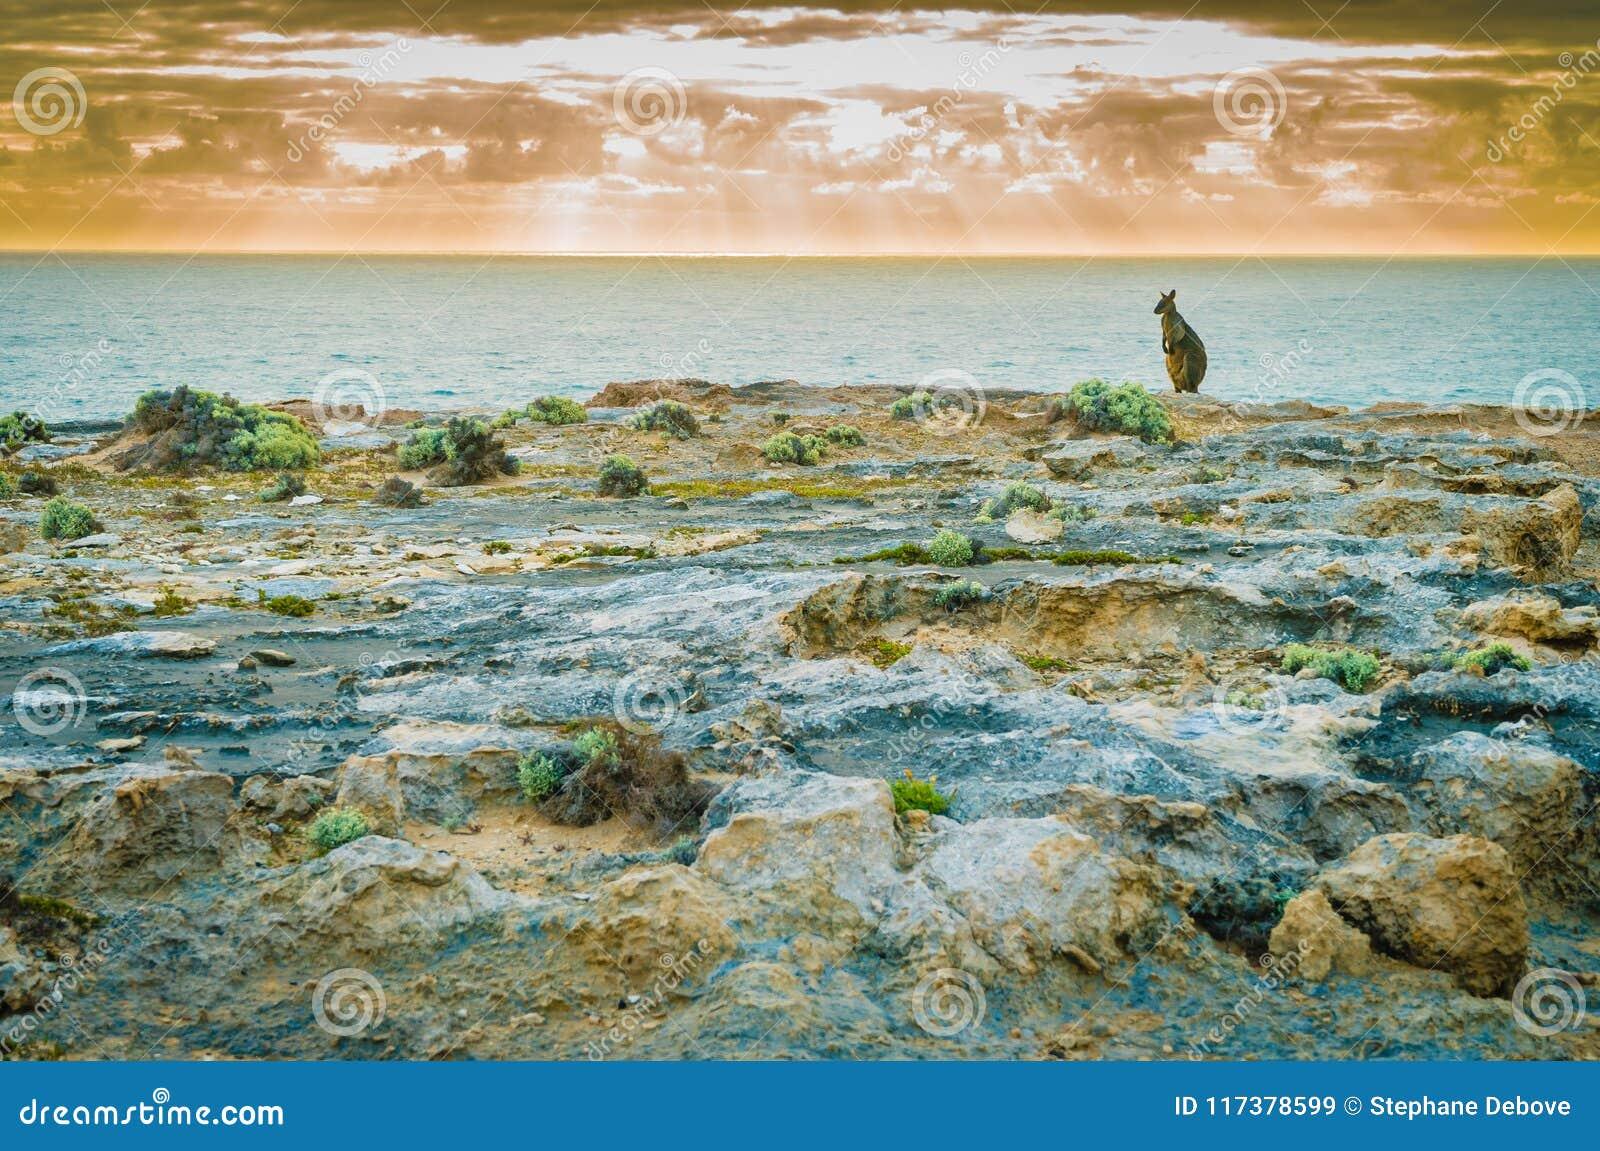 Κατάψυξη καγκουρό θαλασσίως στο ηλιοβασίλεμα στην Αυστραλία